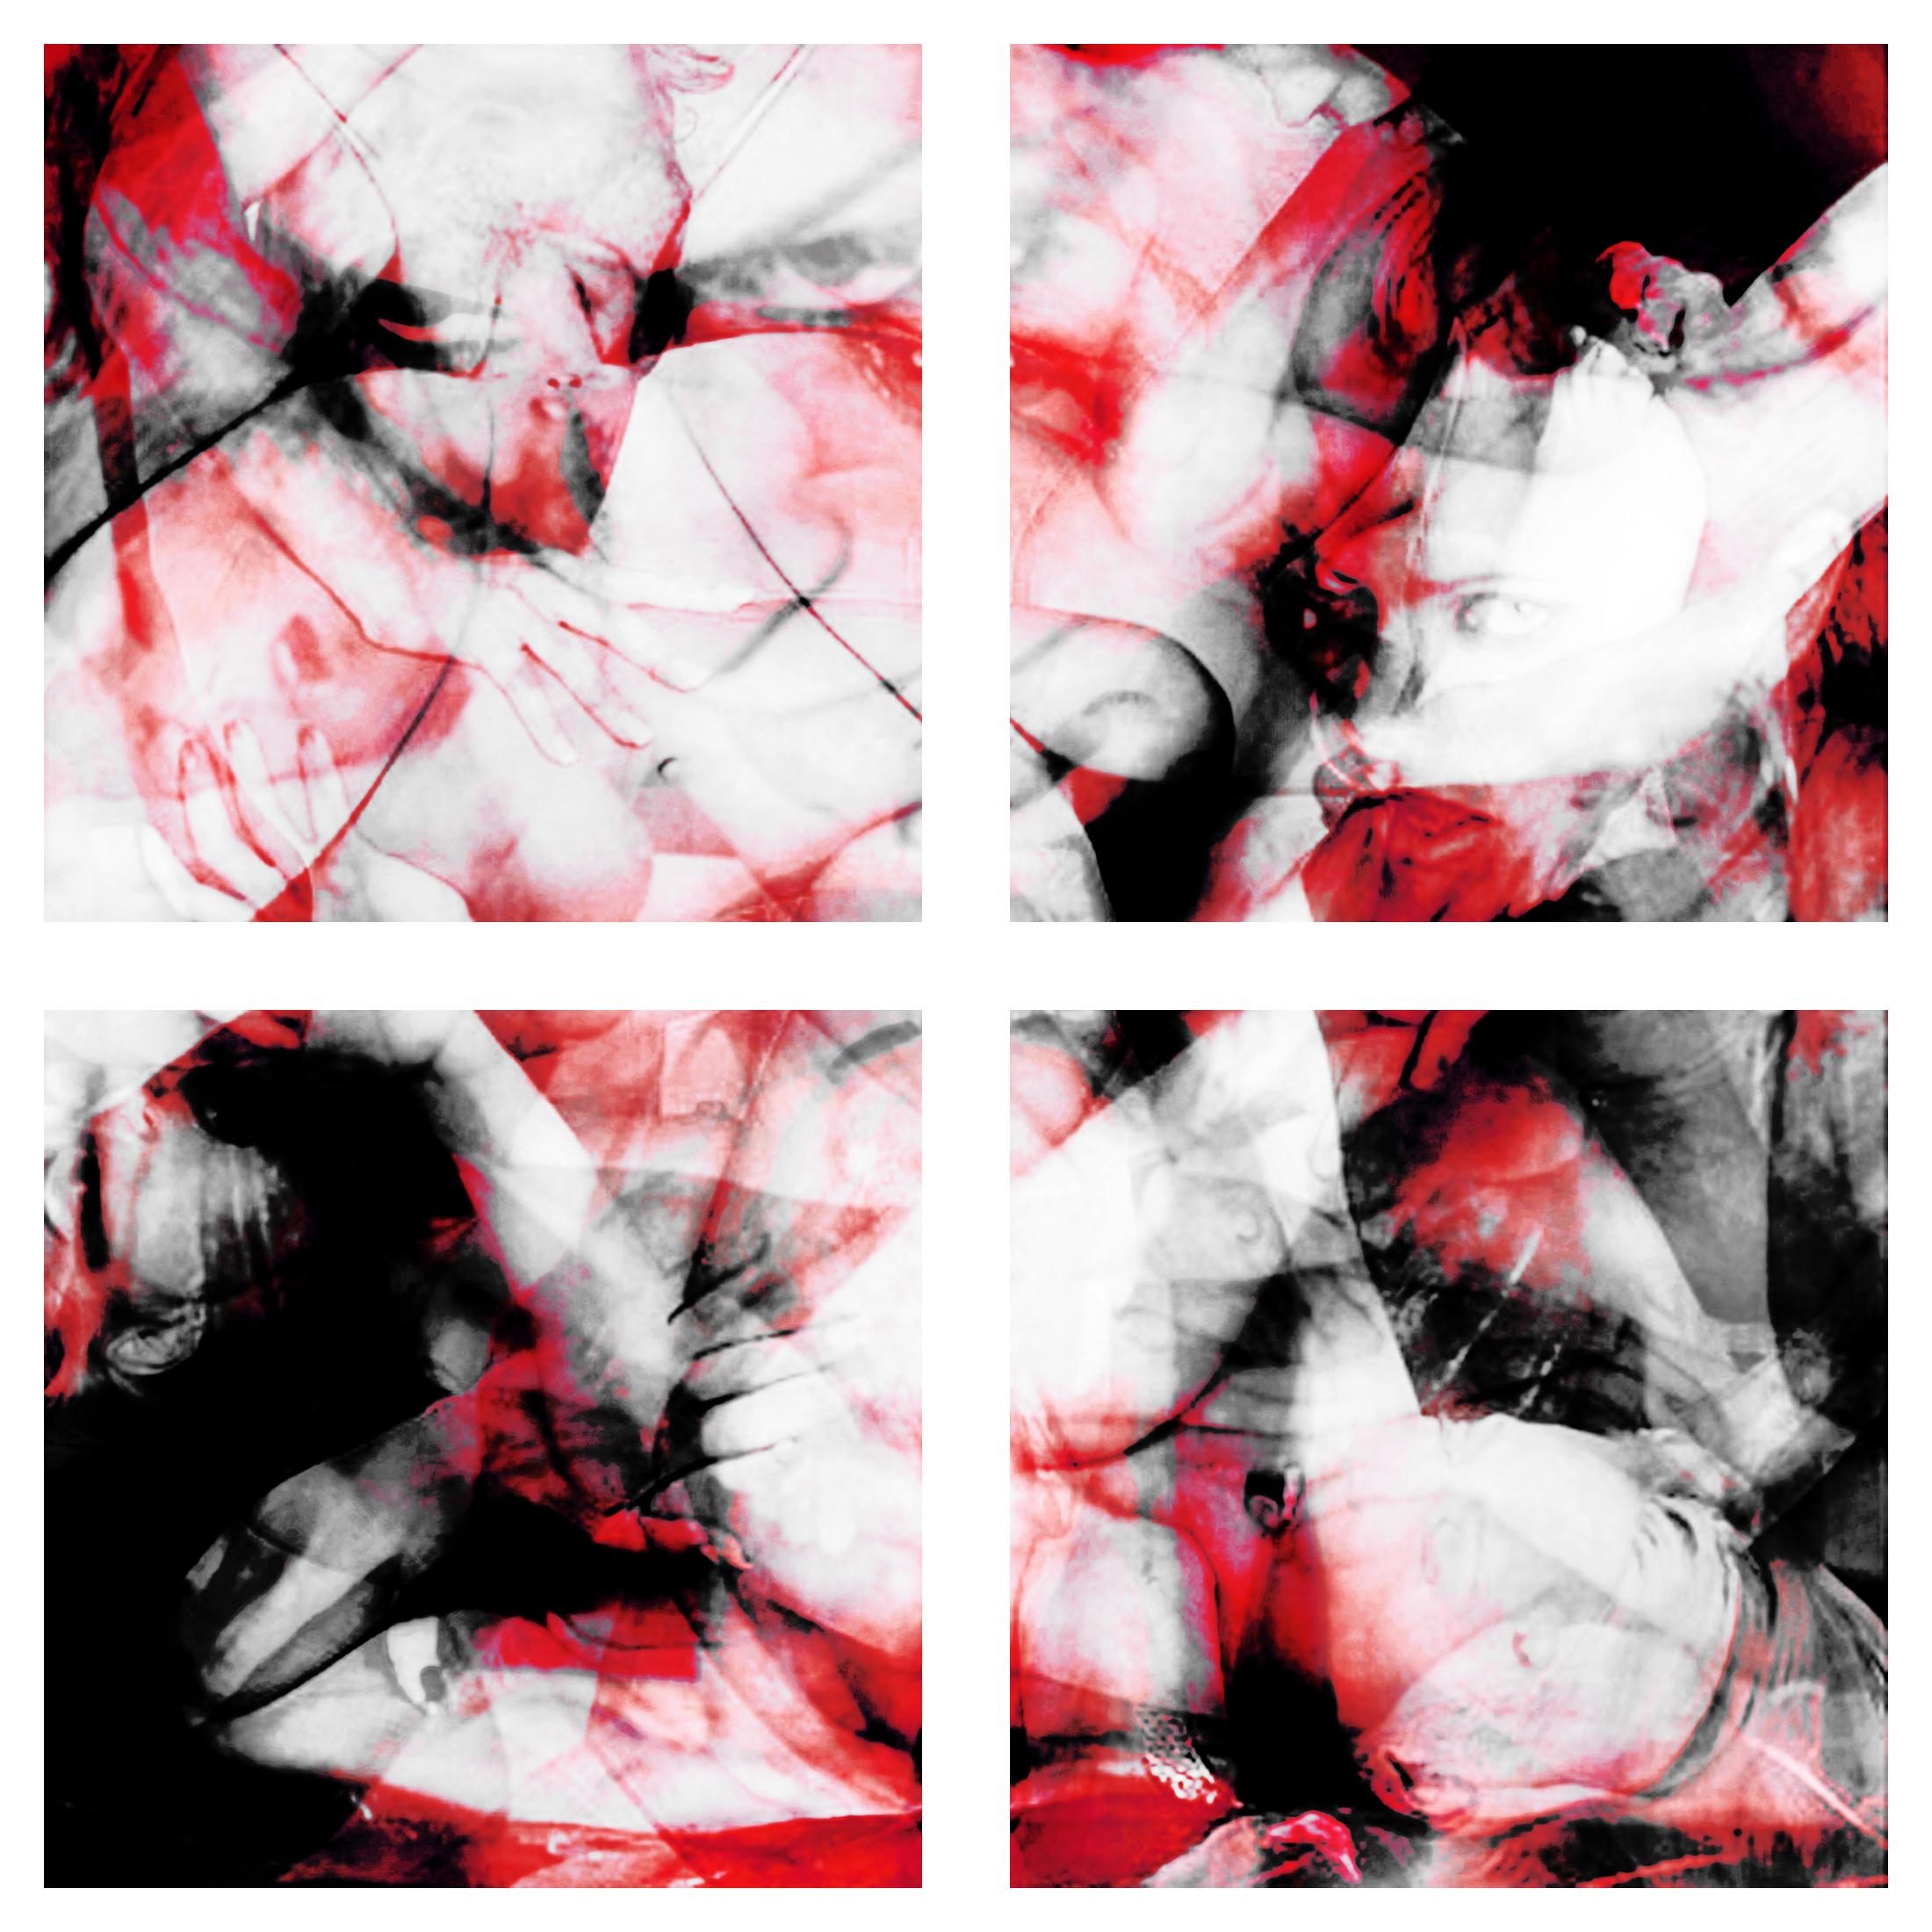 Overdose 08.1-4 (Tetraptych), 2008